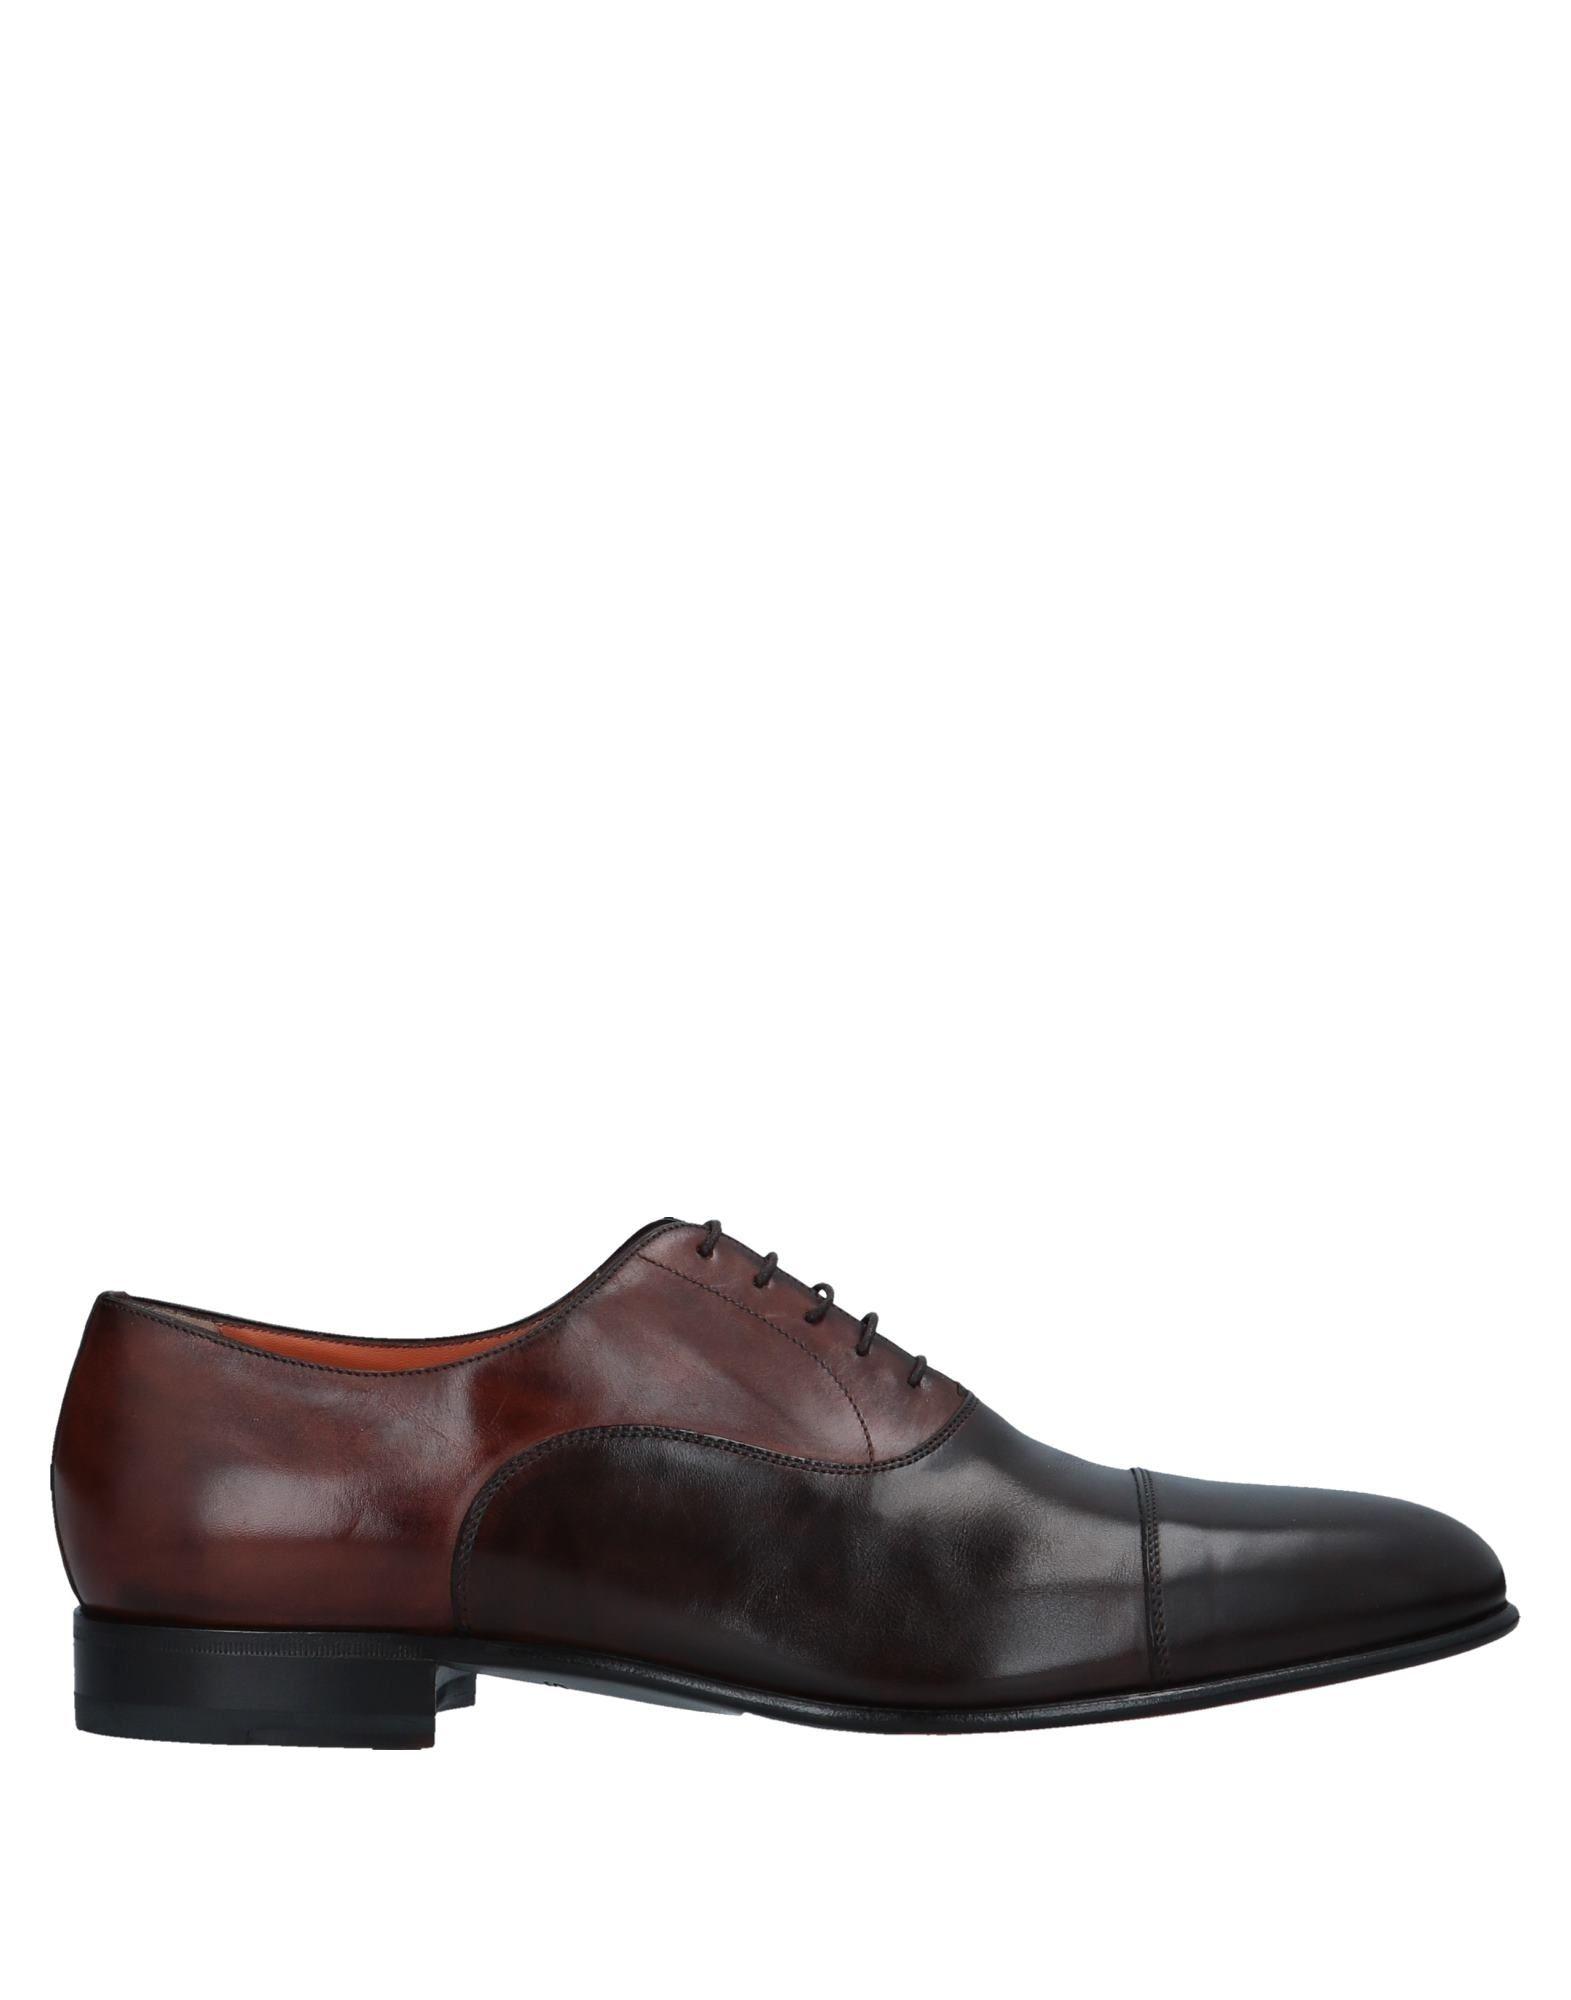 Santoni Schnürschuhe Herren  11542732UU Gute Qualität beliebte Schuhe